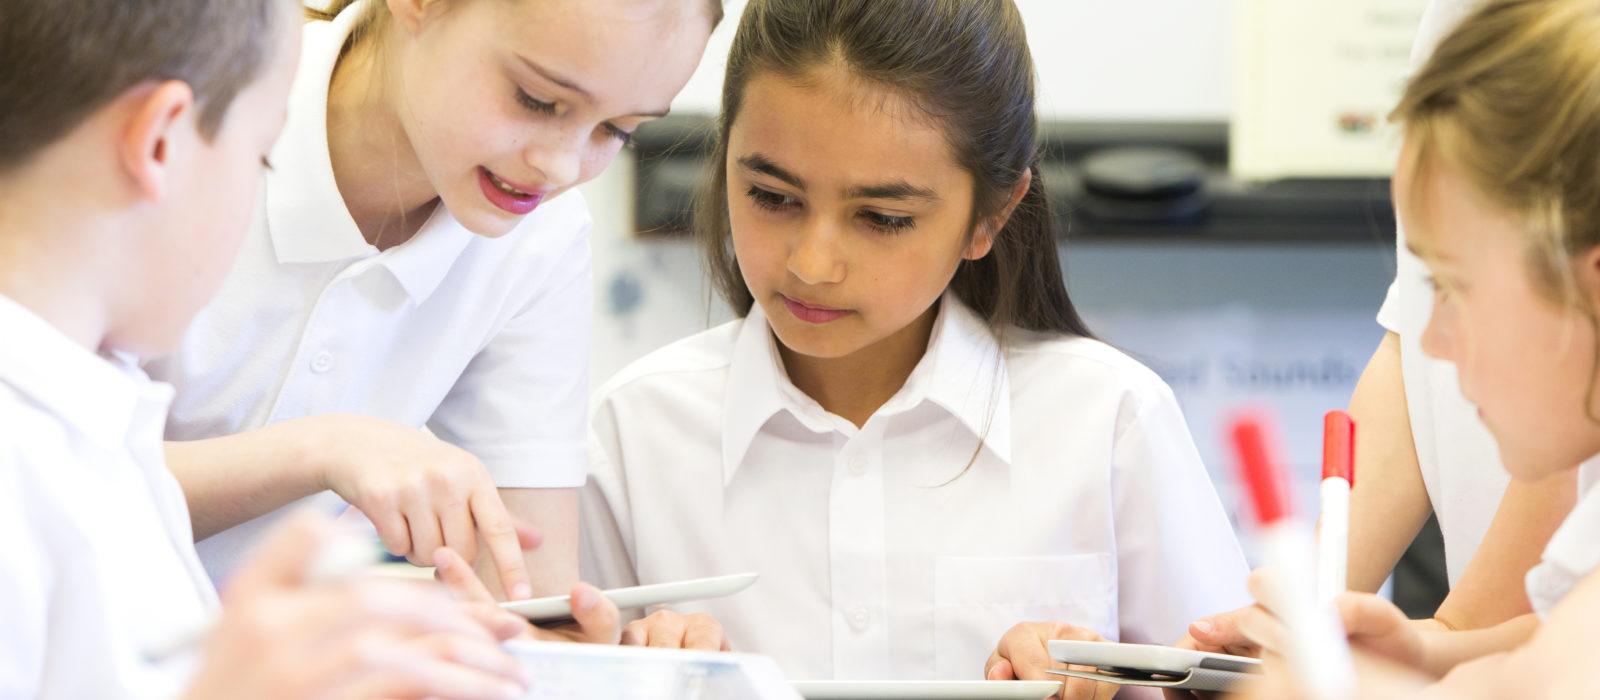 Usa el reglamento interno para una sana convivencia escolar